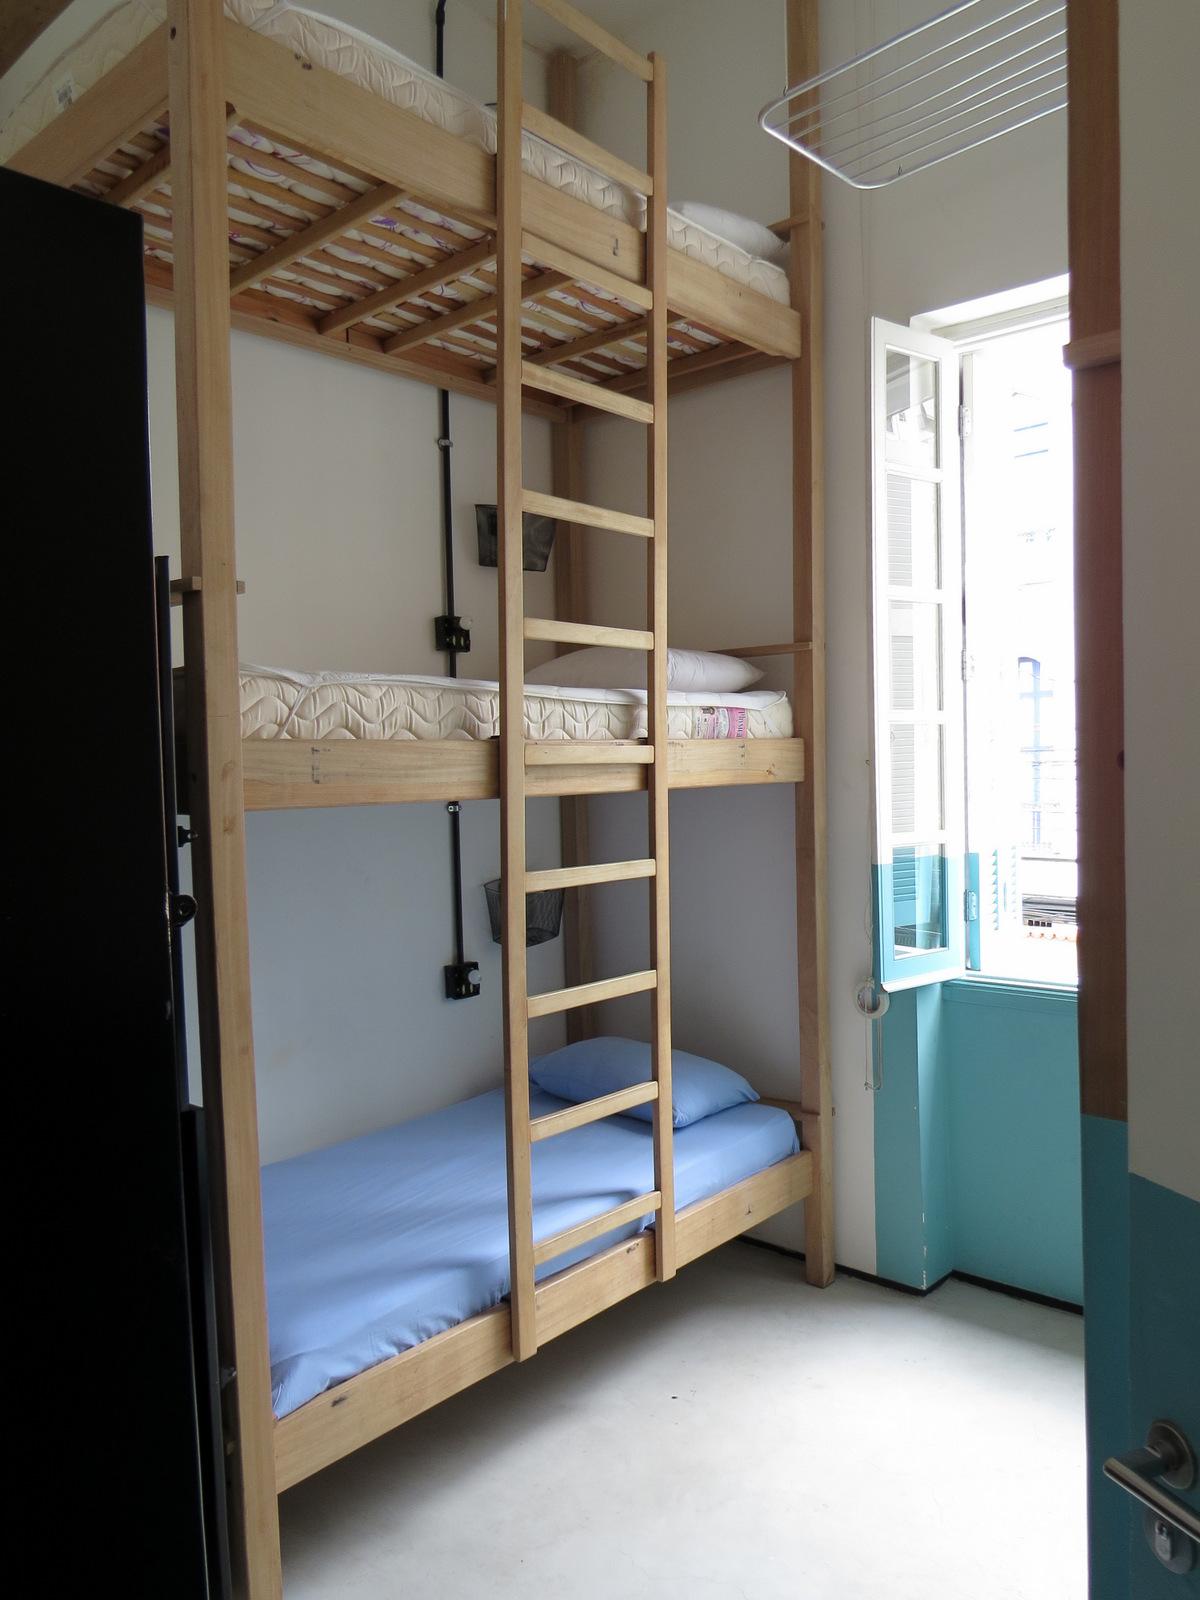 Contemporâneo Hostel novo hostel boutique no Rio de Janeiro Nós  #326899 1200 1600